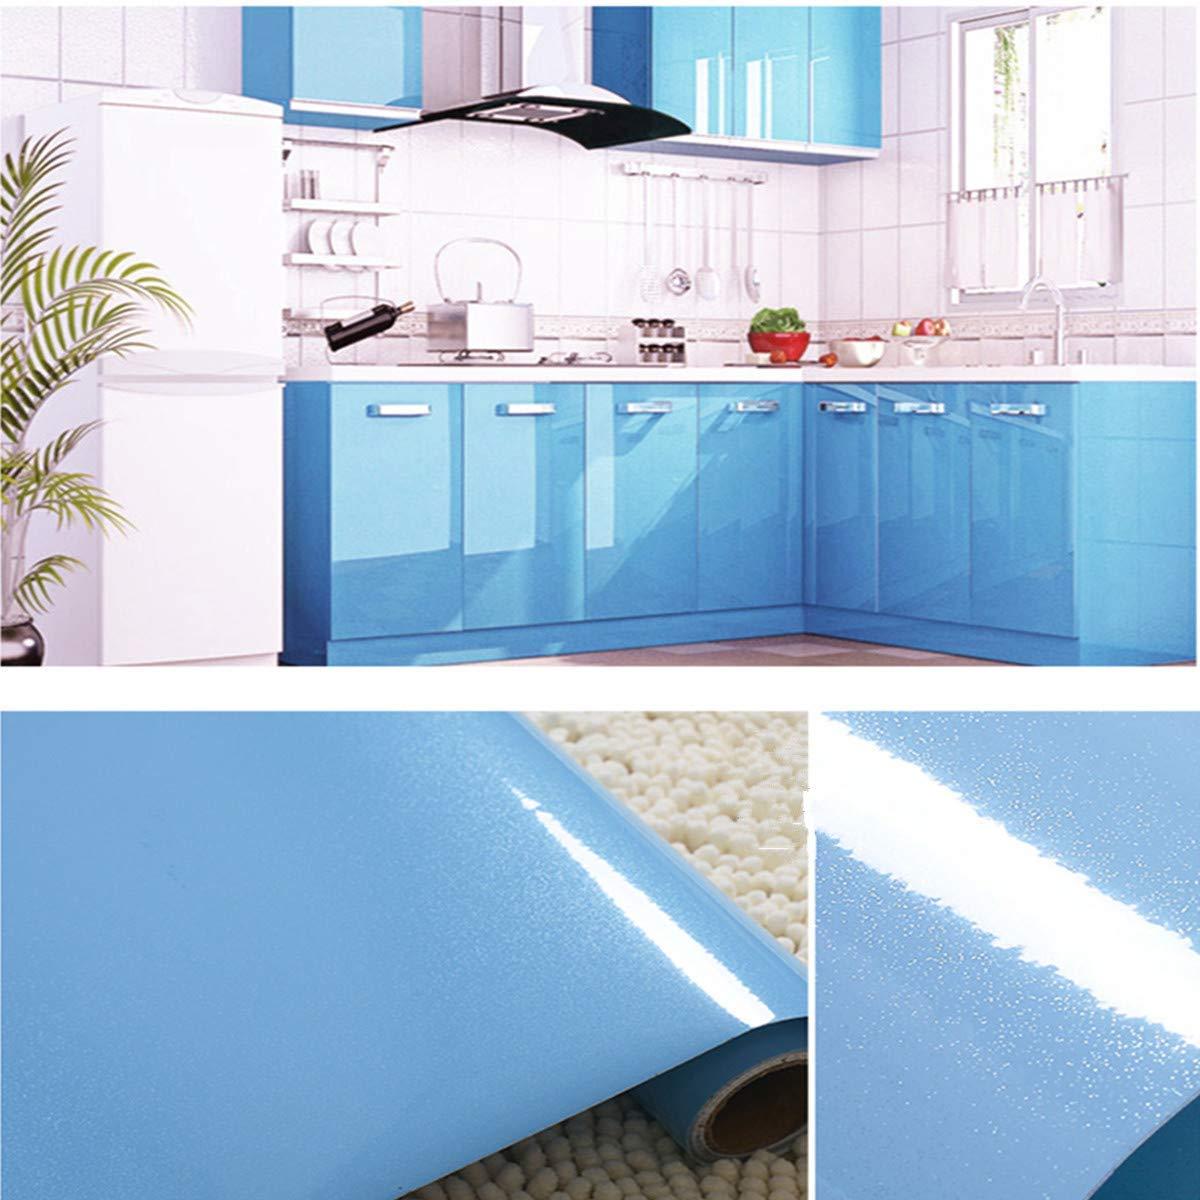 PVC Engomada Autoadhesivo Protege o Decora Armario y Aparatos El/éctricos Papel Pintado para Muebles//Cocina//Ba/ño,Impermeable Pegatina,40cm * 5M Azul Vinilo Pegatina Muebles de Cocina